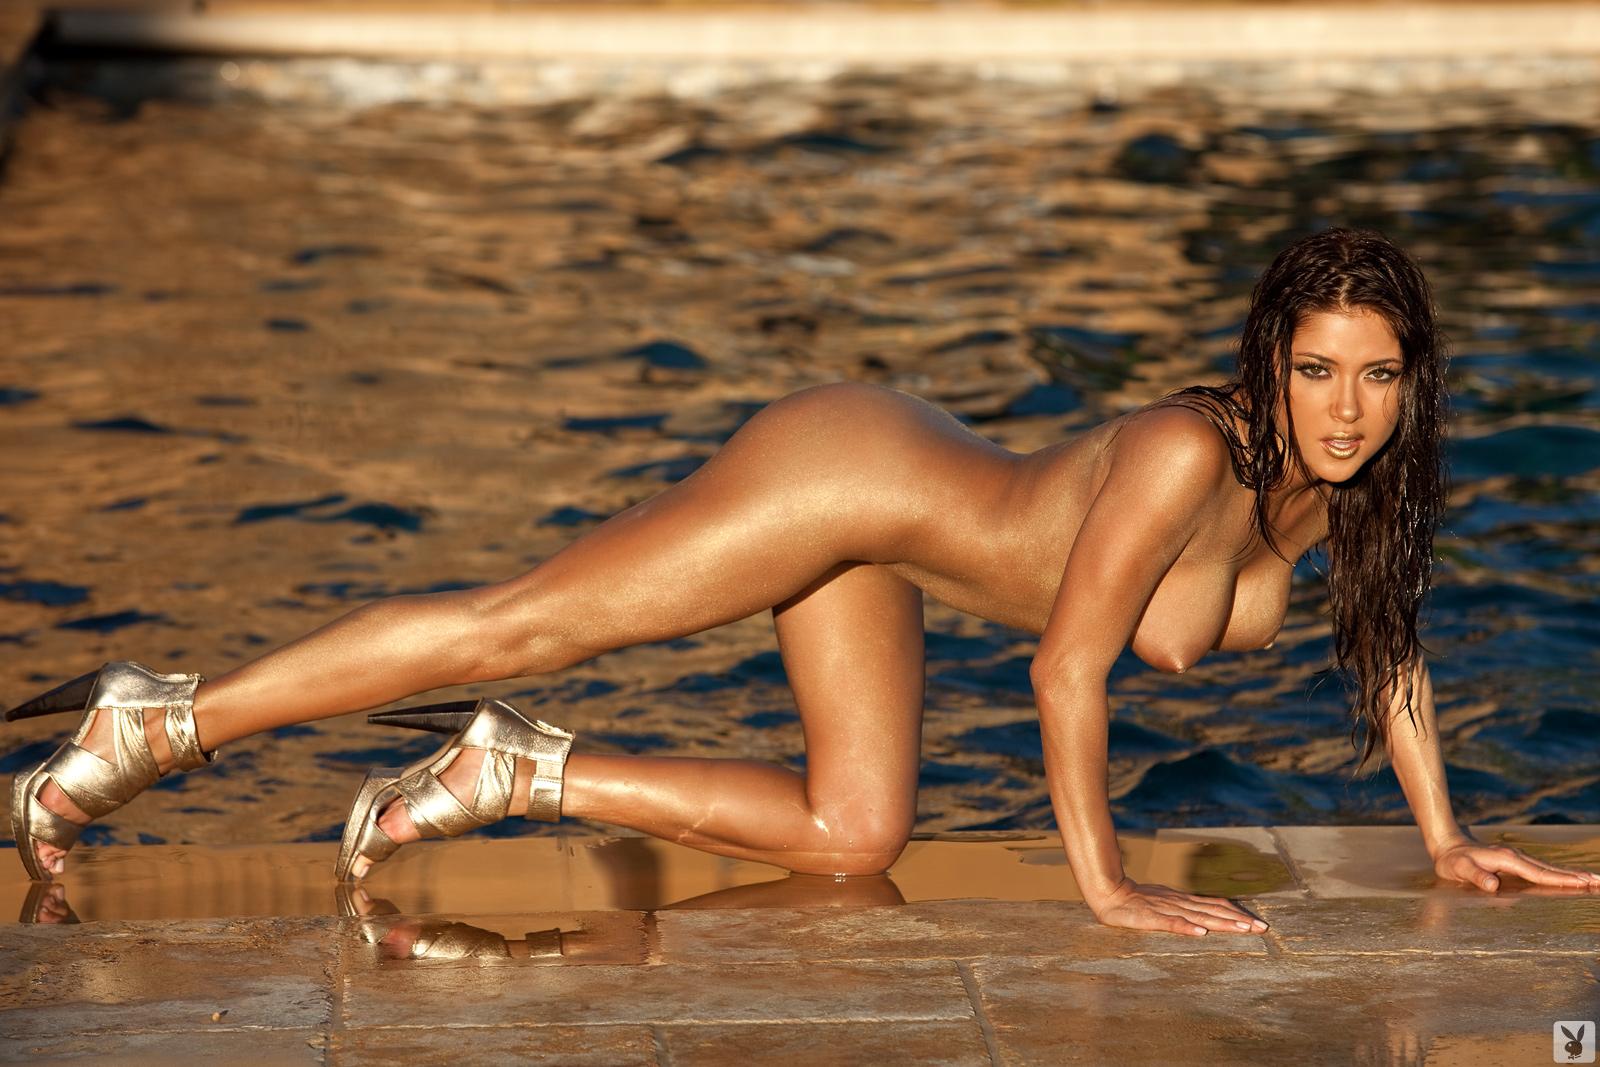 Stars Zaira Nude Pic